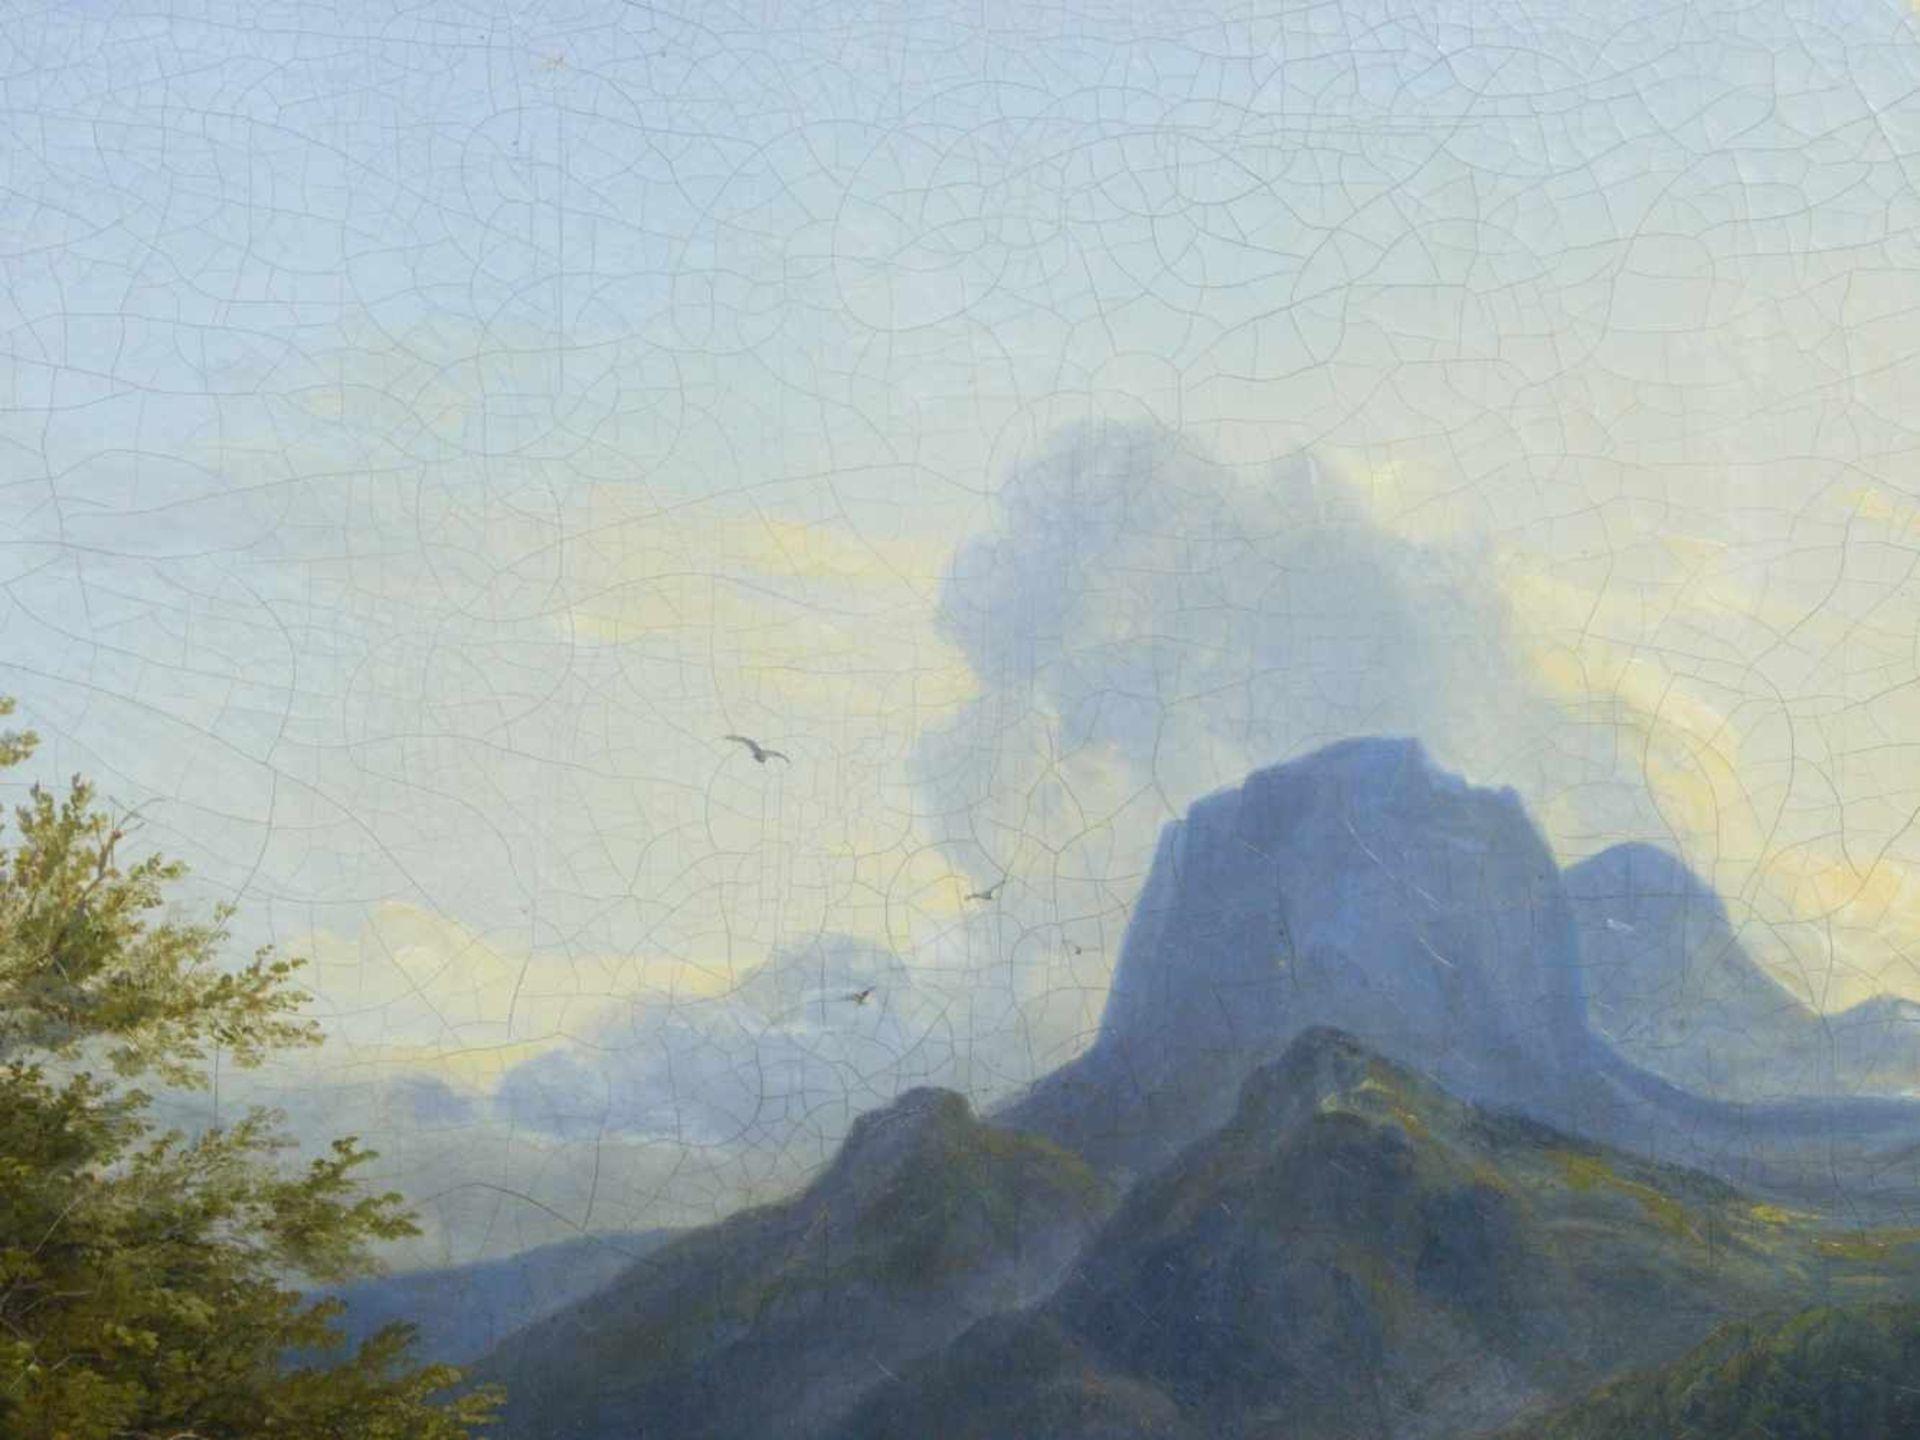 Ott, Johann Nepomuk (1804 - 1870) - Der Hintersee bei Berchtesgaden 1842Landschaftliche - Bild 5 aus 6